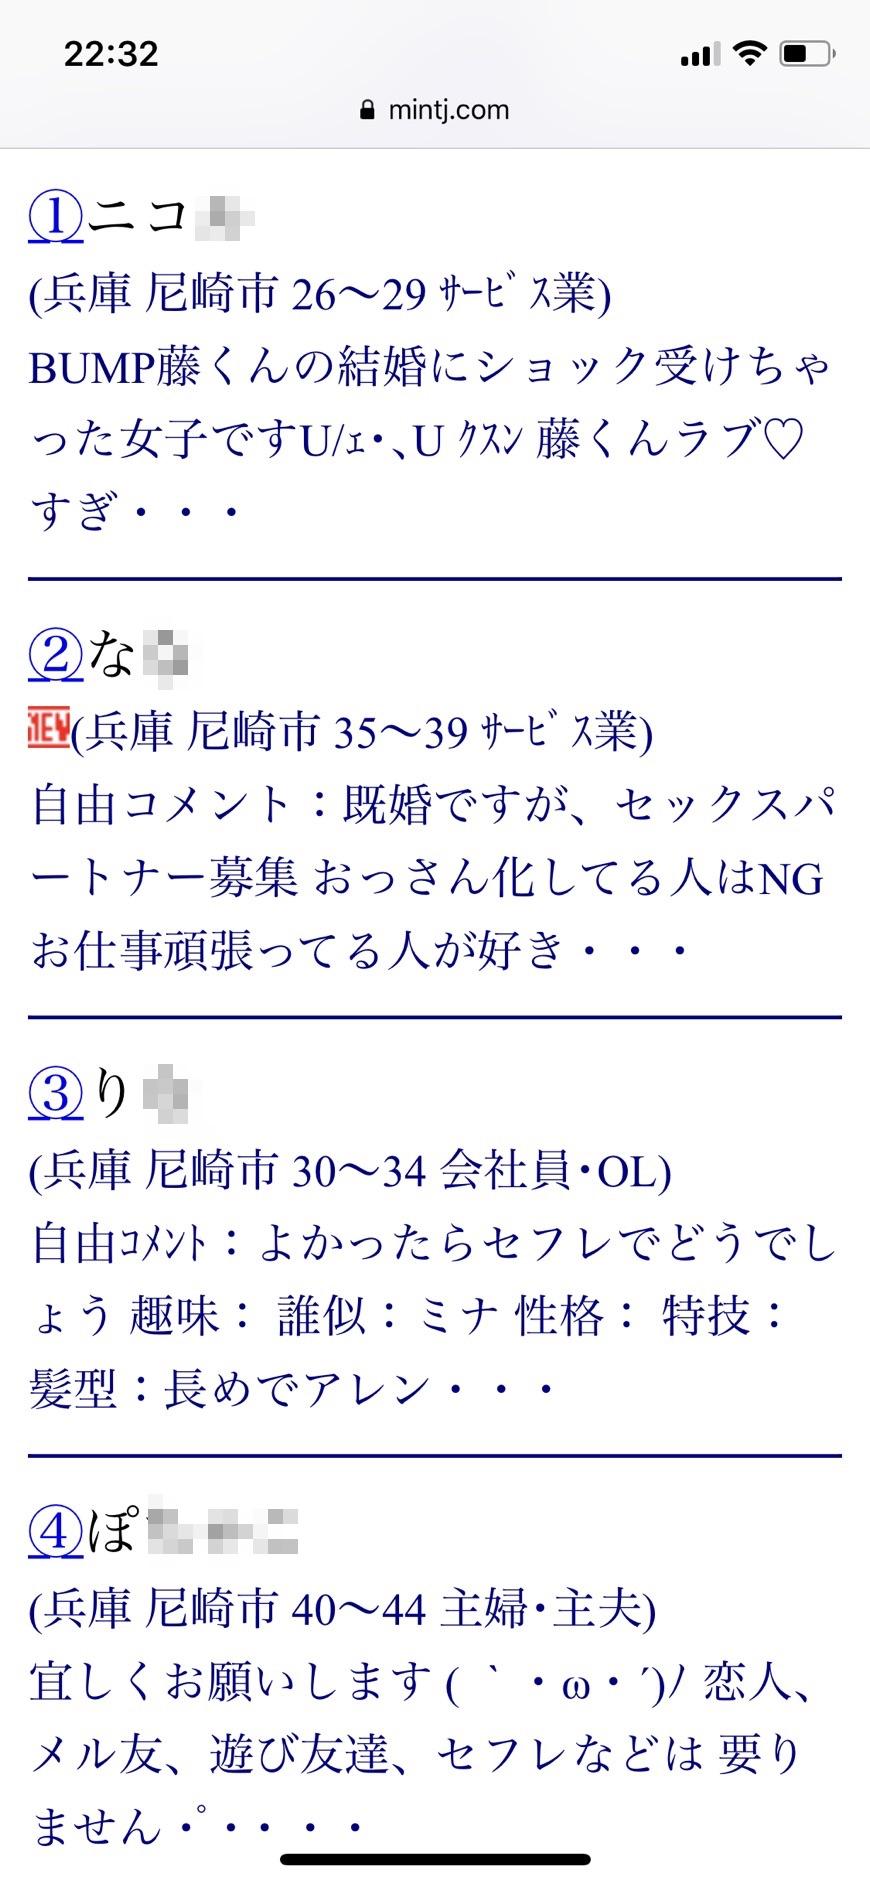 尼崎・セフレ希望(Jメール)